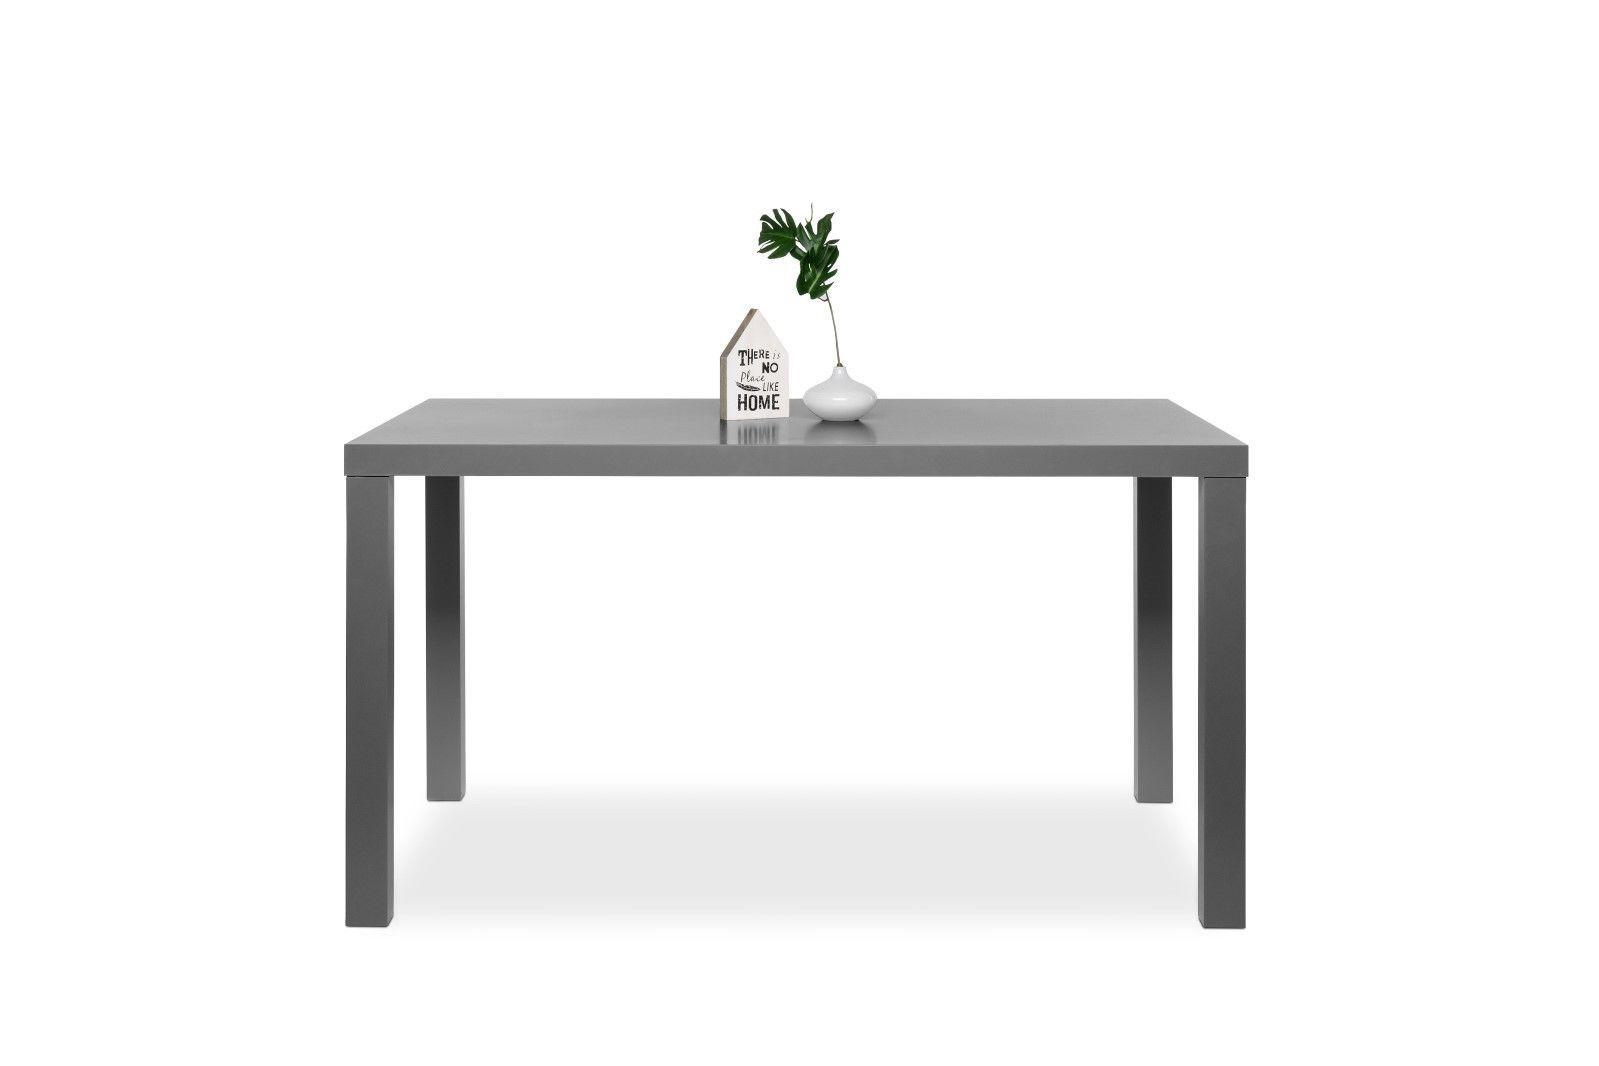 Tisch schreibtisch b rotisch prime dekor hochglanz grau for Schreibtisch grau hochglanz